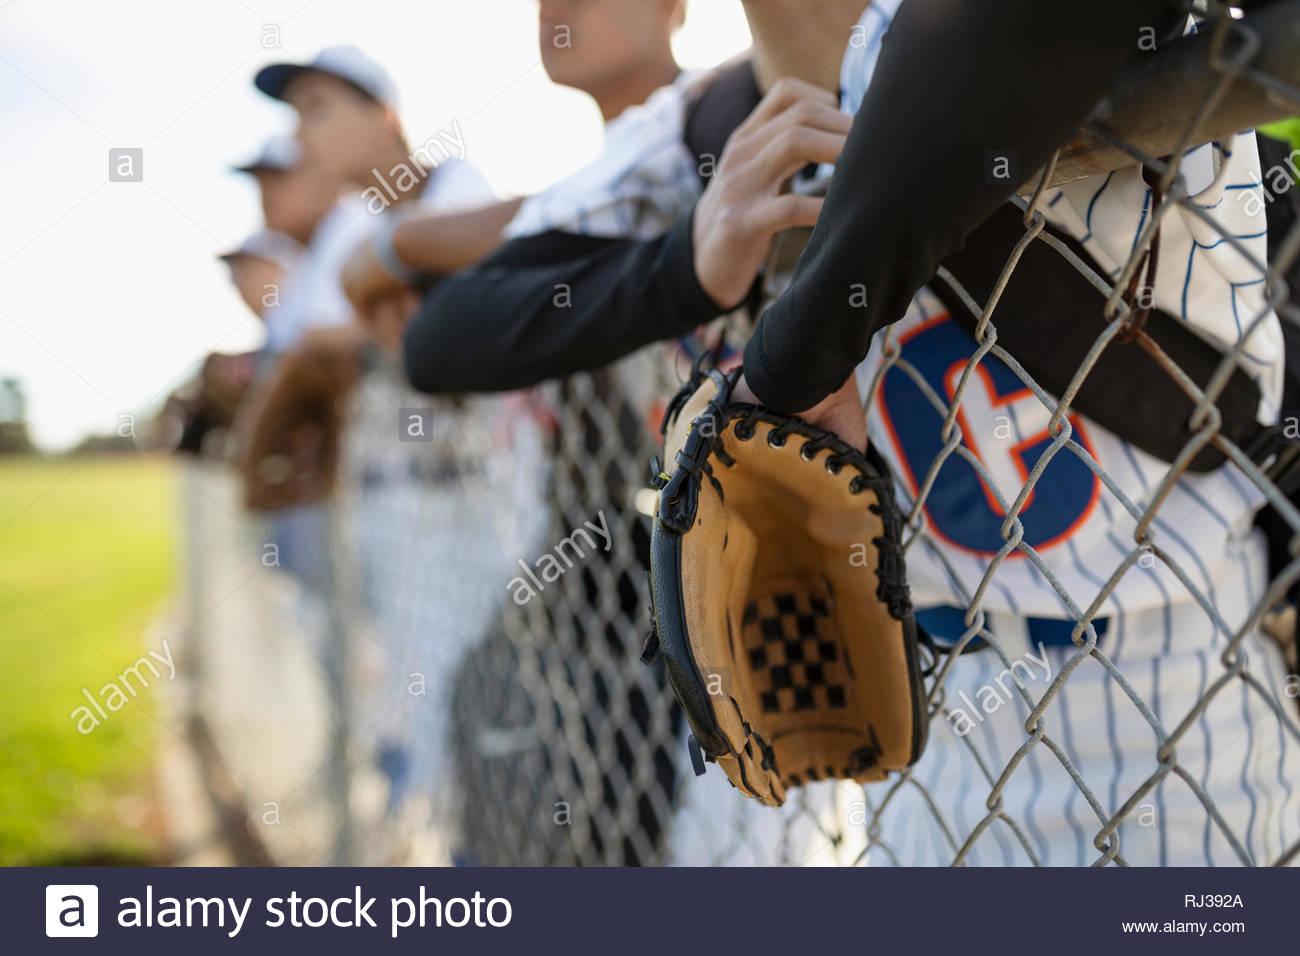 Baseball spieler Schiefen auf Zaun Stockbild